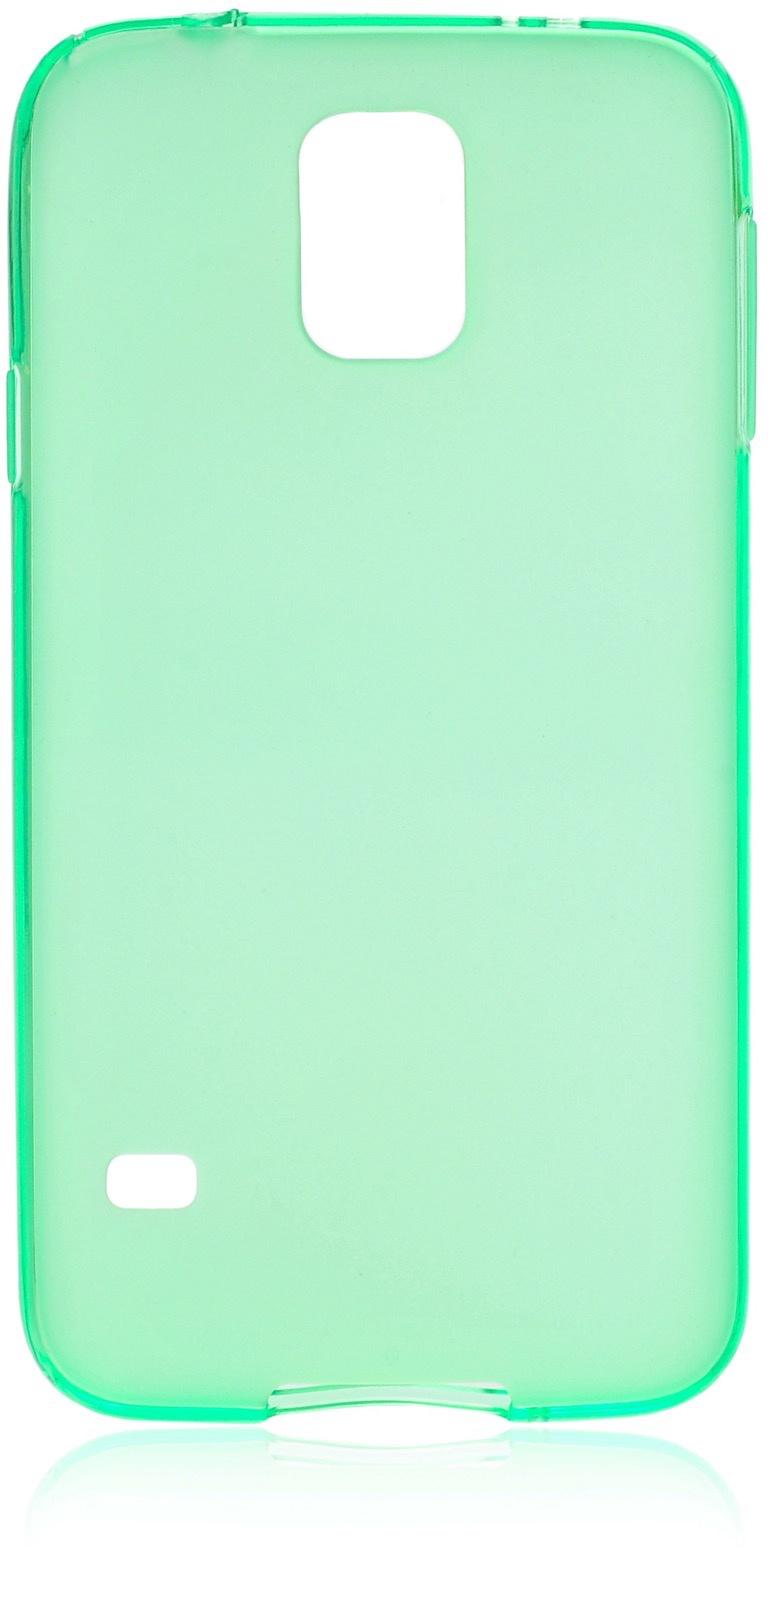 Чехол накладка iNeez силикон матовый 530037 для Samsung Galaxy S5,530037,зеленый